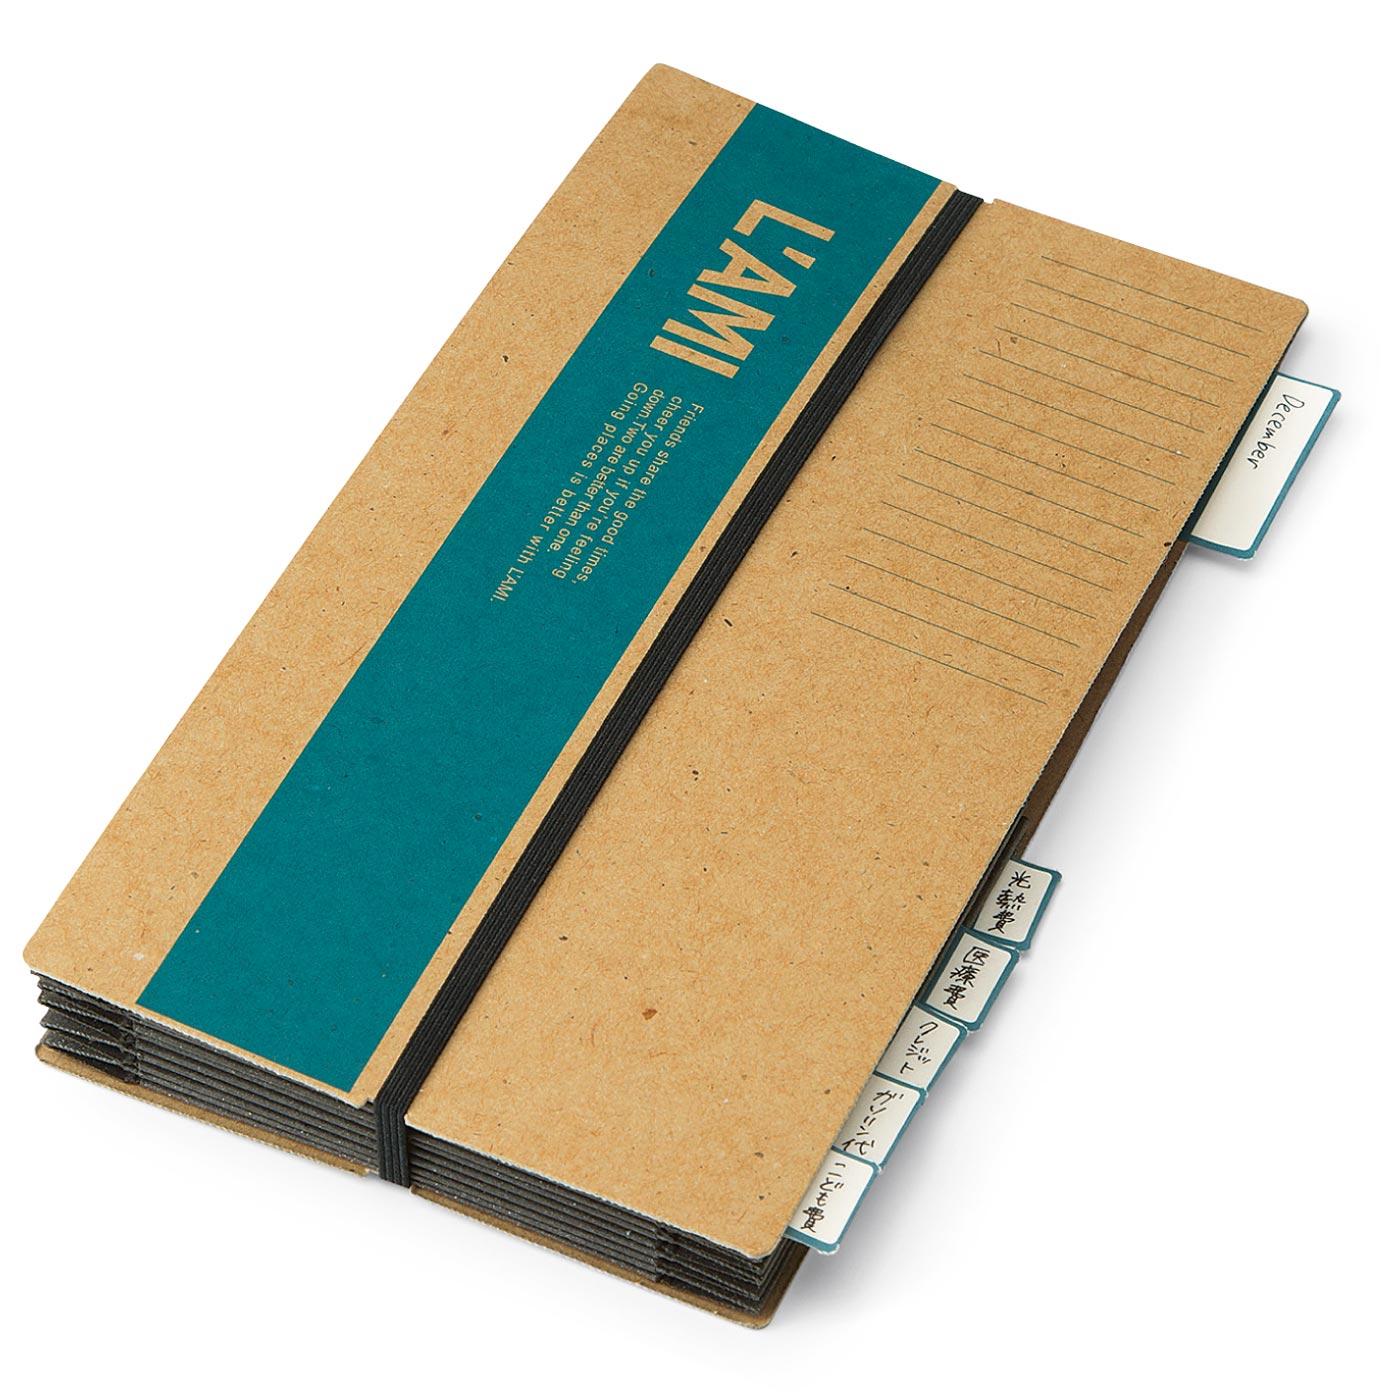 ゴムでスリムに閉じられます。表紙にタイトルや書き込みに便利なメモスペース付き。